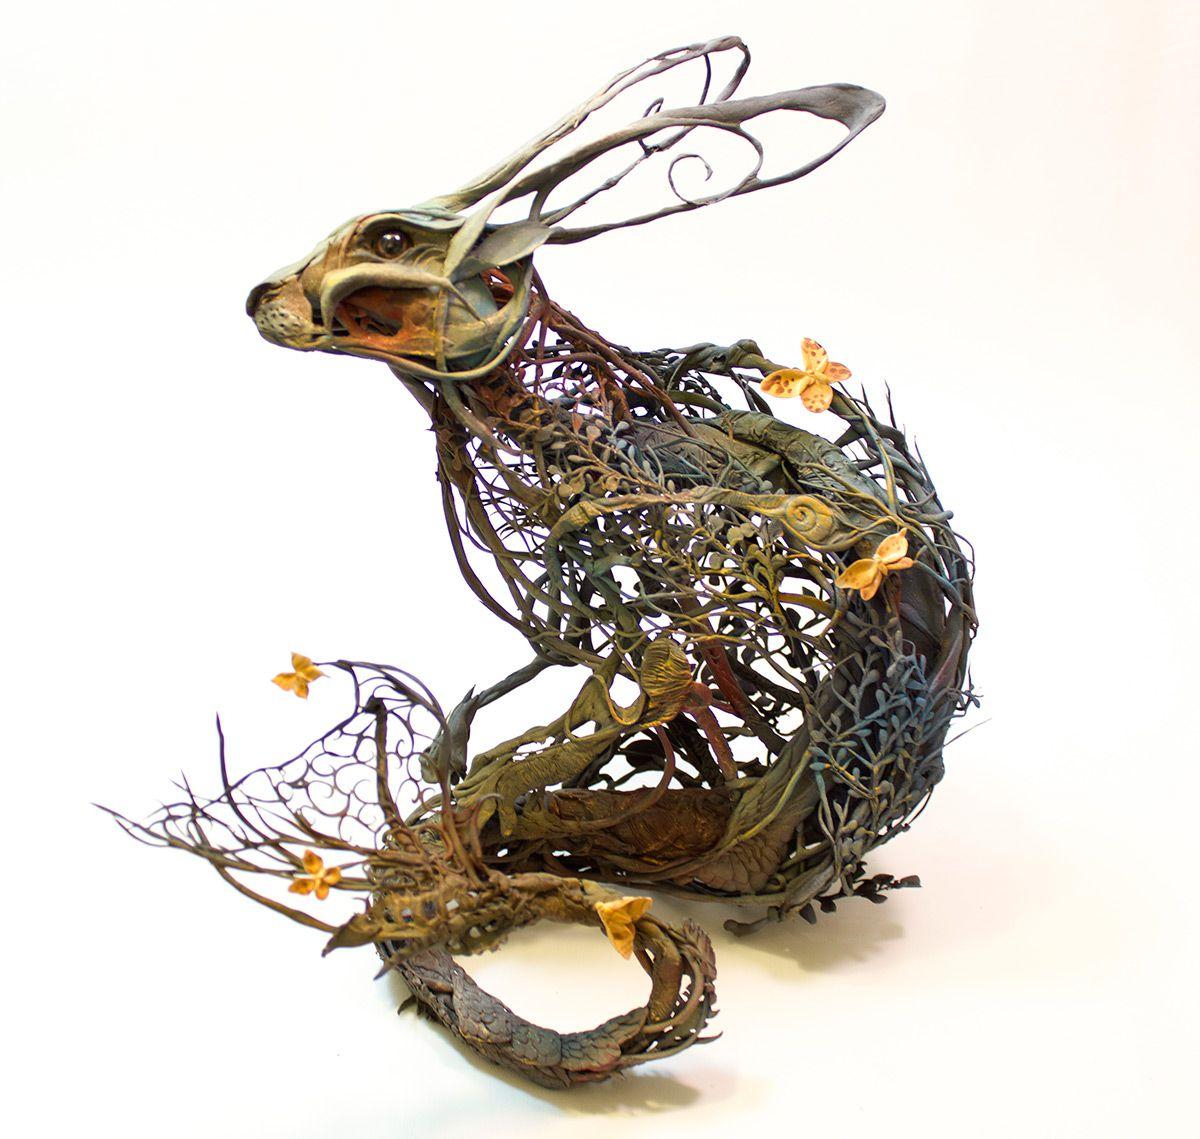 escultura de un conejo hecha con plantas